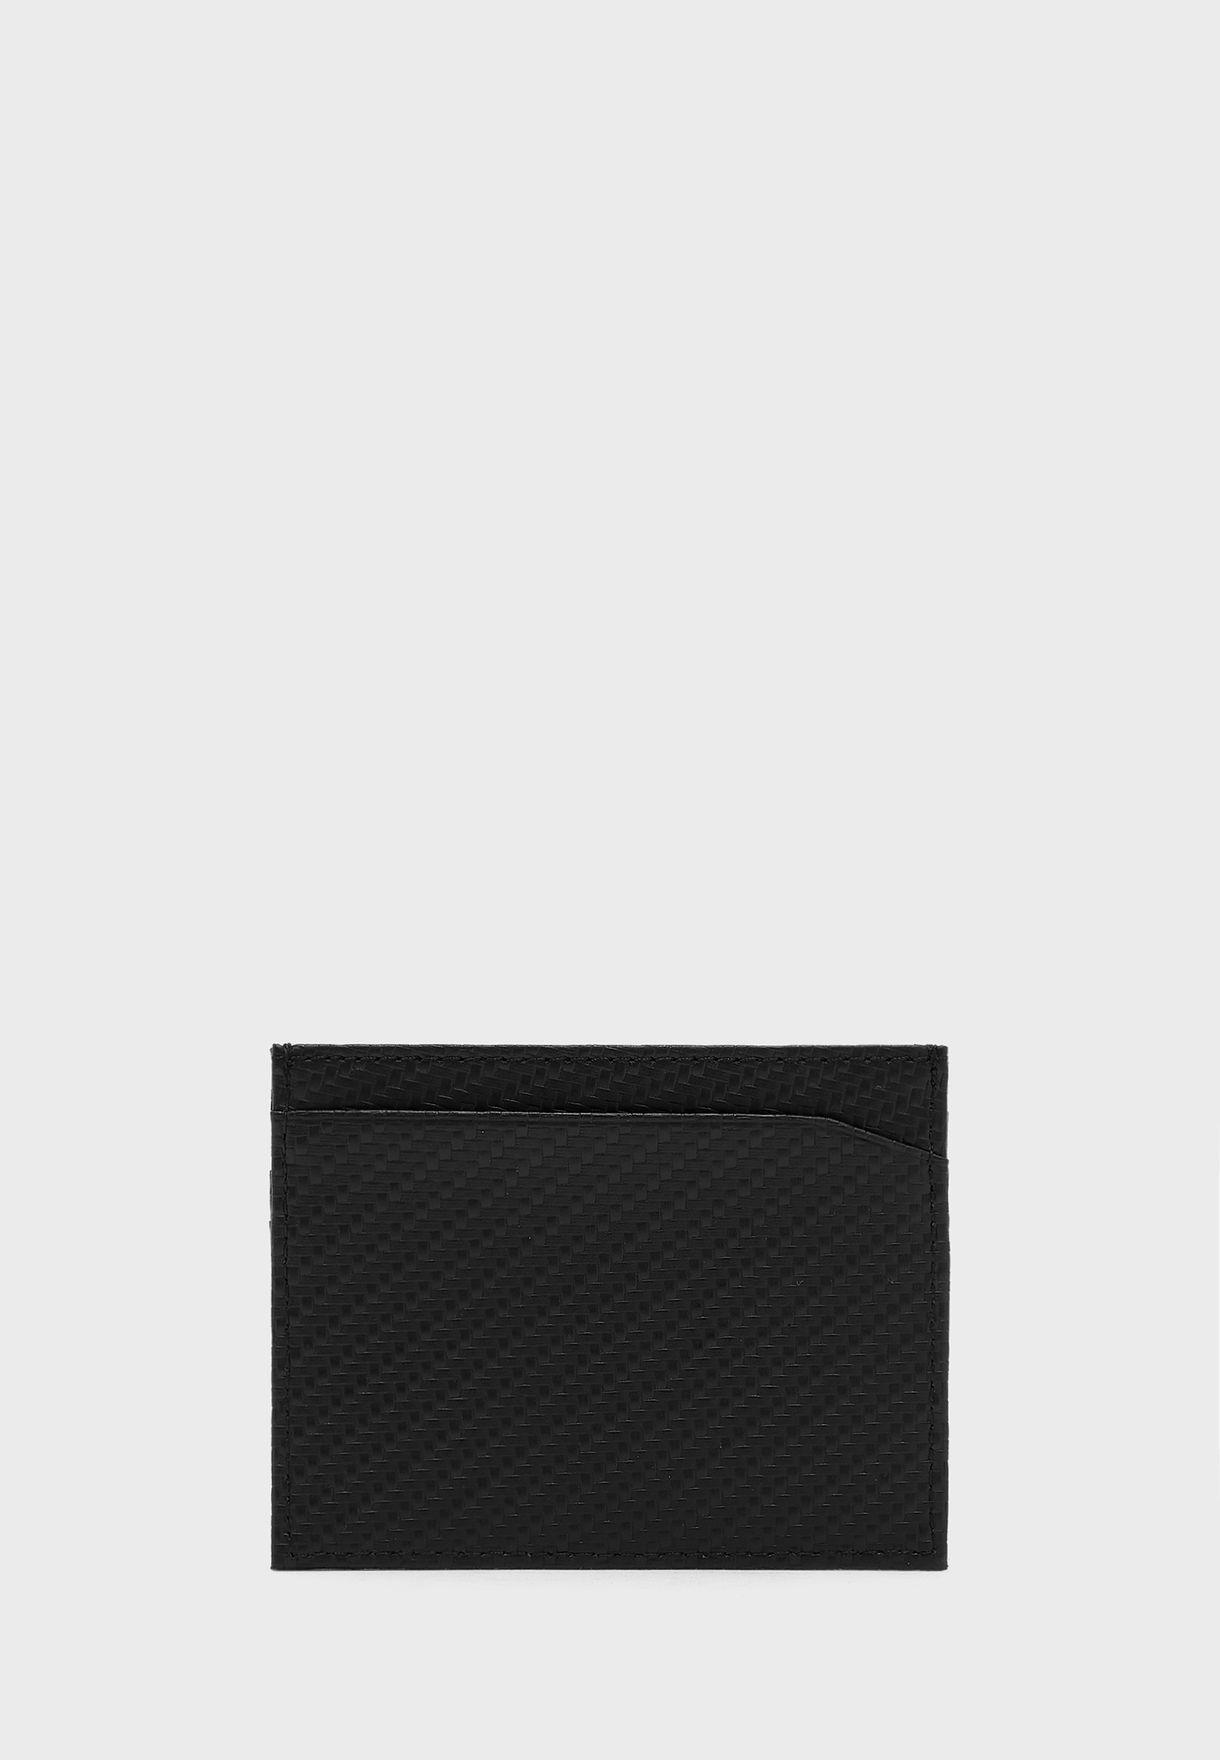 طقم ( حافظة بطاقات + ازرار اساور اكمام )